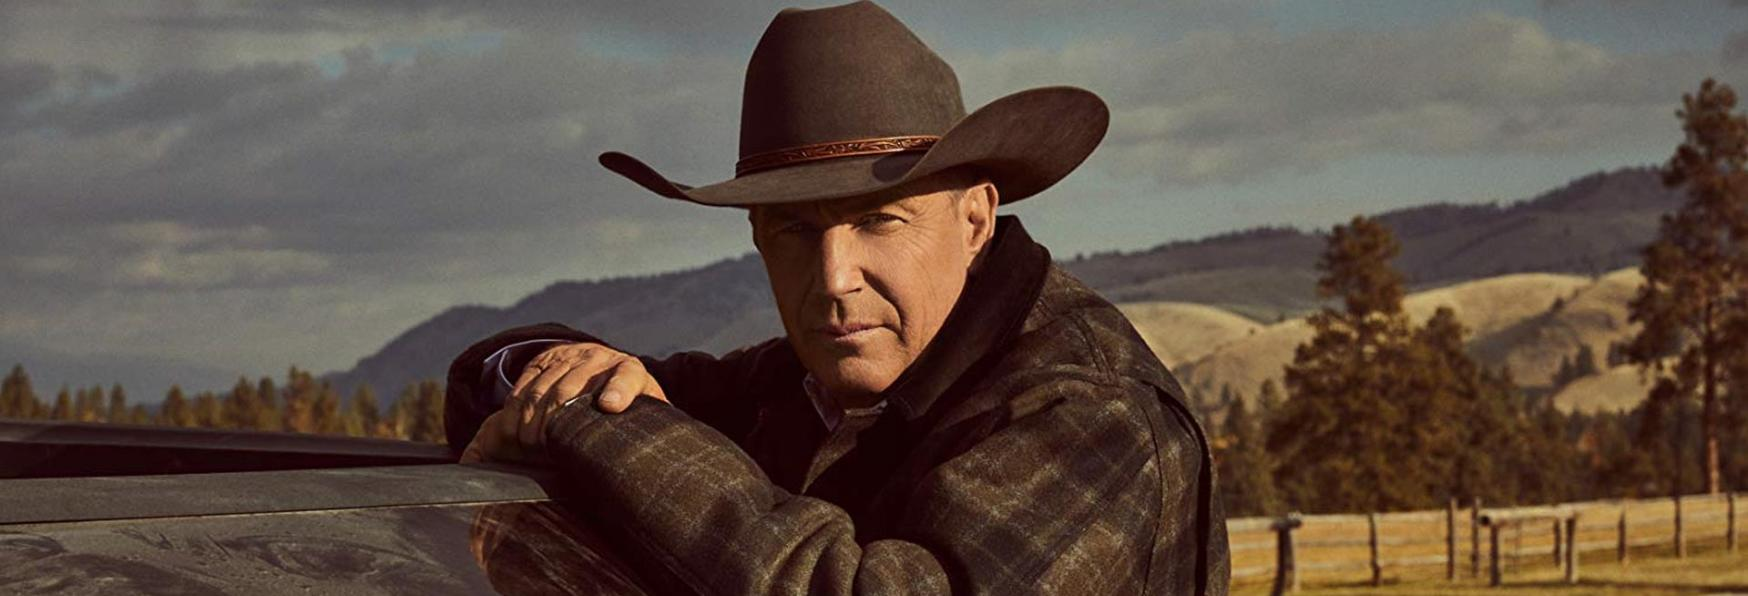 I Creatori di Yellowstone Annunciano 4 nuove Serie TV in fase di Sviluppo